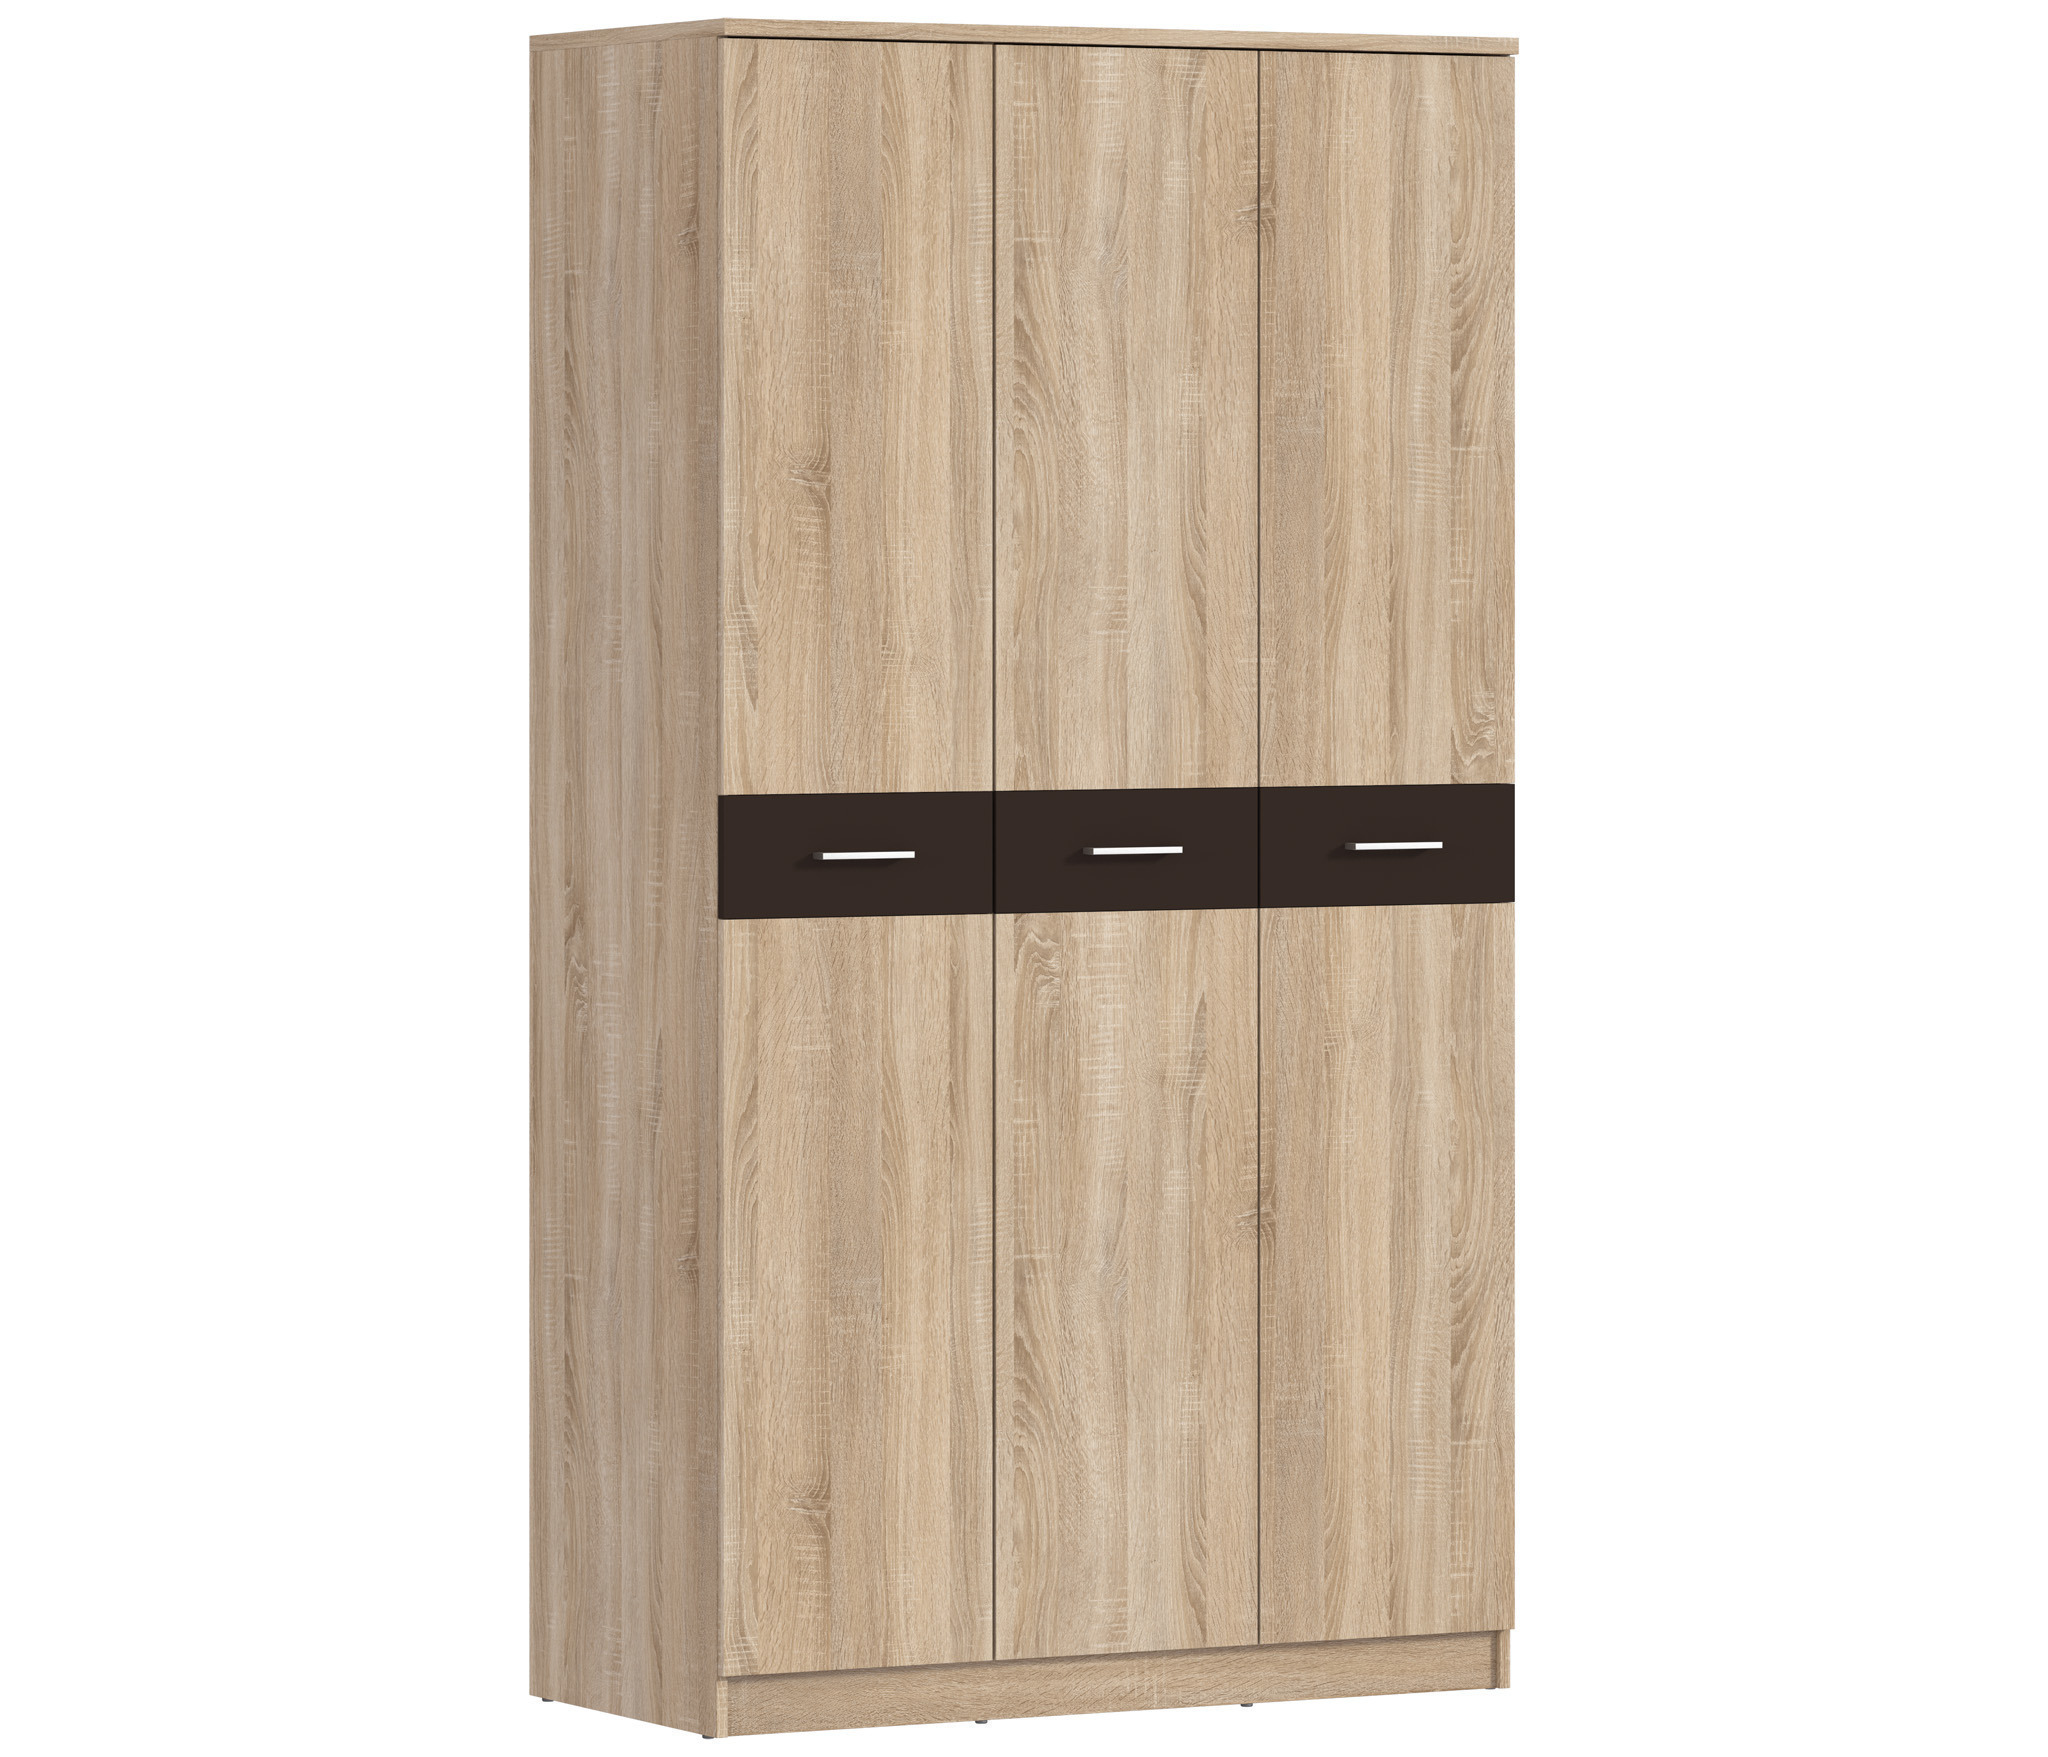 Клео СБ-2007 Шкаф 3-х дверныйШкафы<br>Трехдверный шкаф  Клео СБ-20007  отлично впишется в спальню, интерьер которой выдержан в теплых песочных тонах.<br><br>Длина мм: 1200<br>Высота мм: 2226<br>Глубина мм: 579